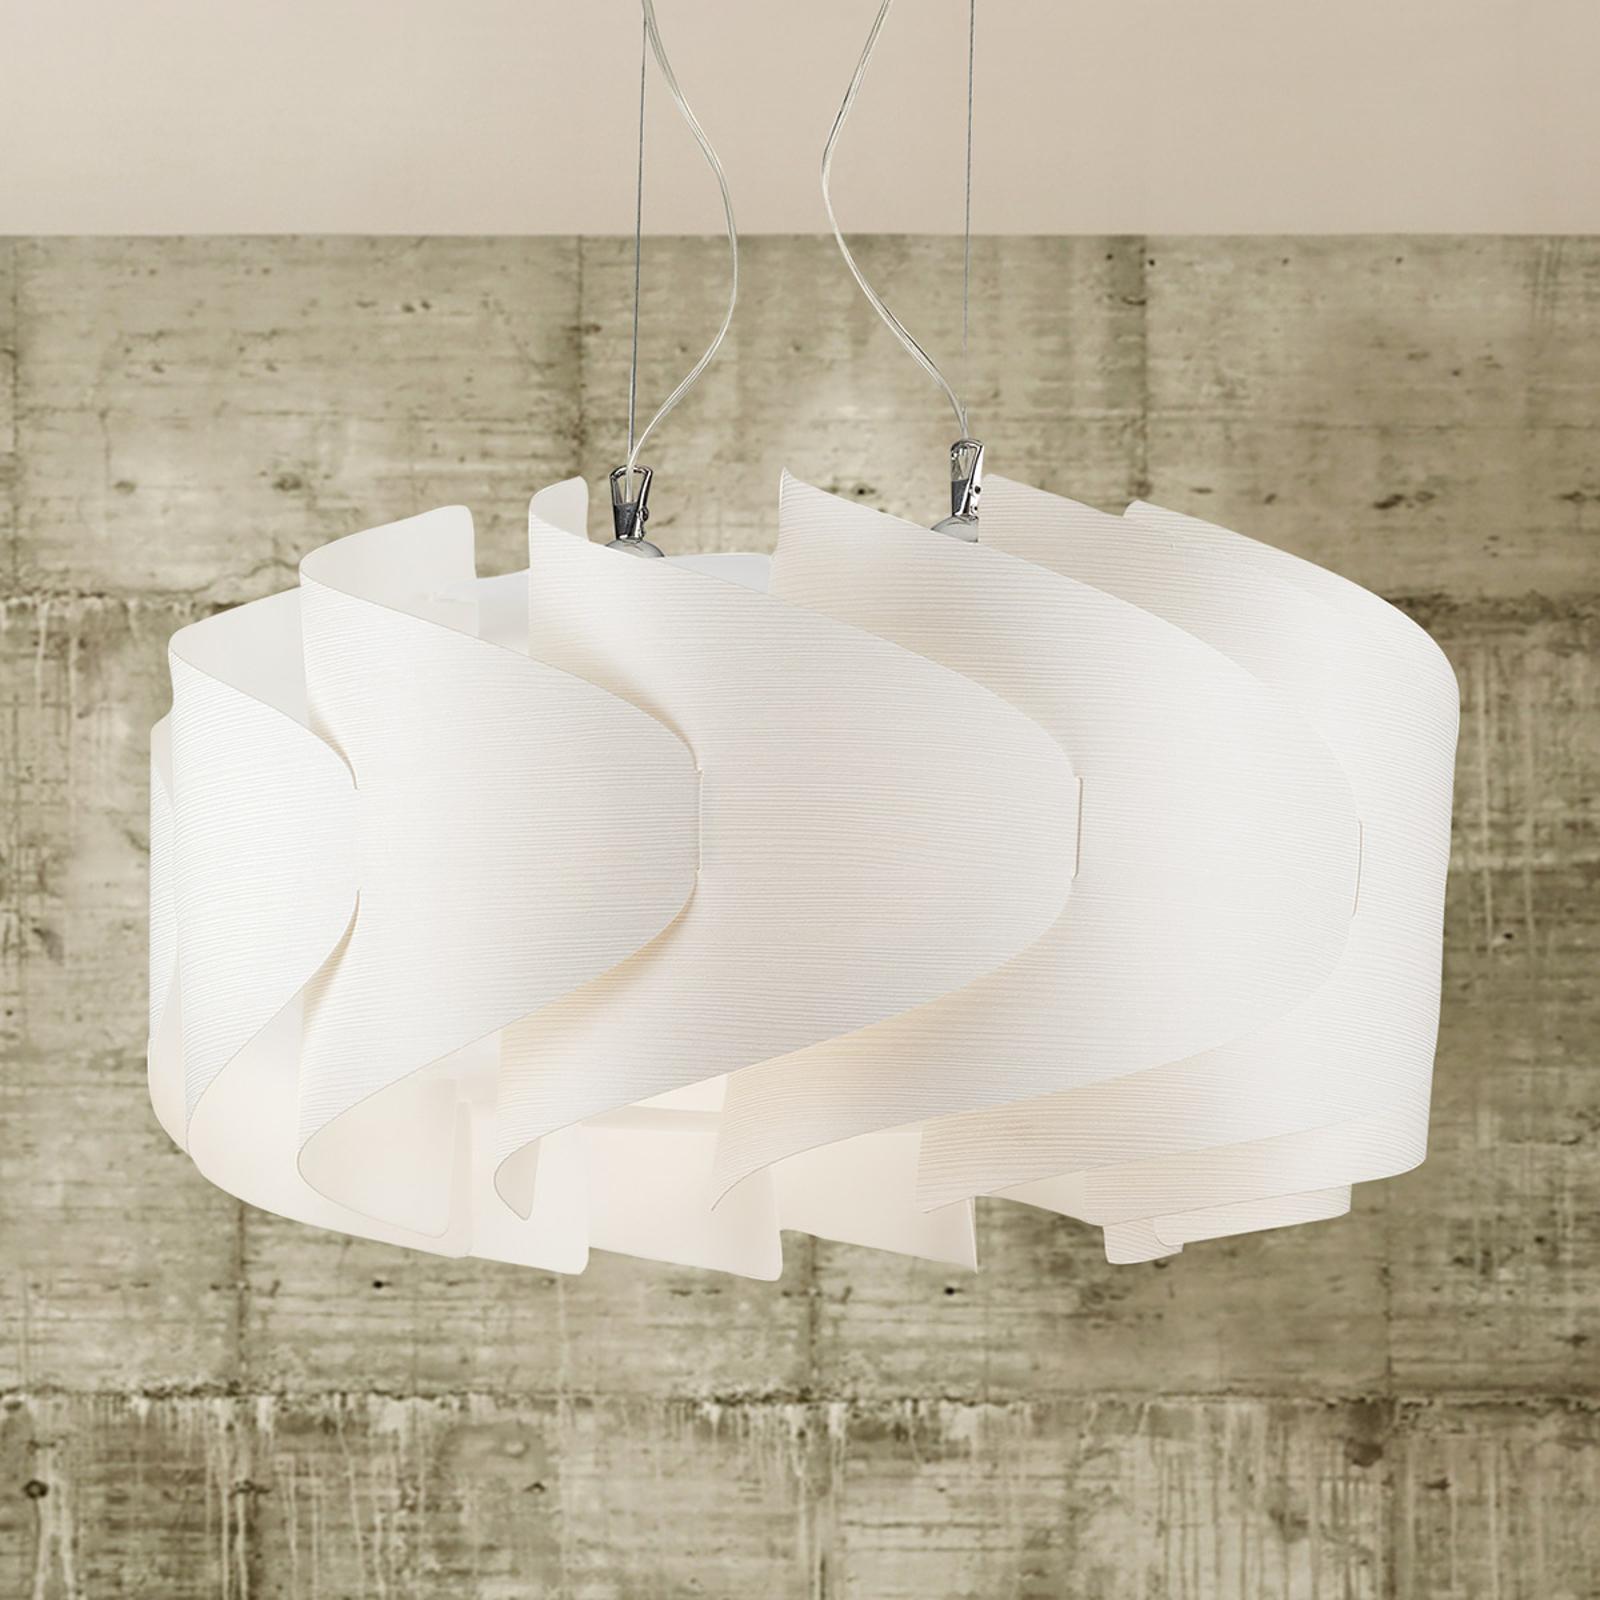 Hanglamp Ellix in witte houtoptiek